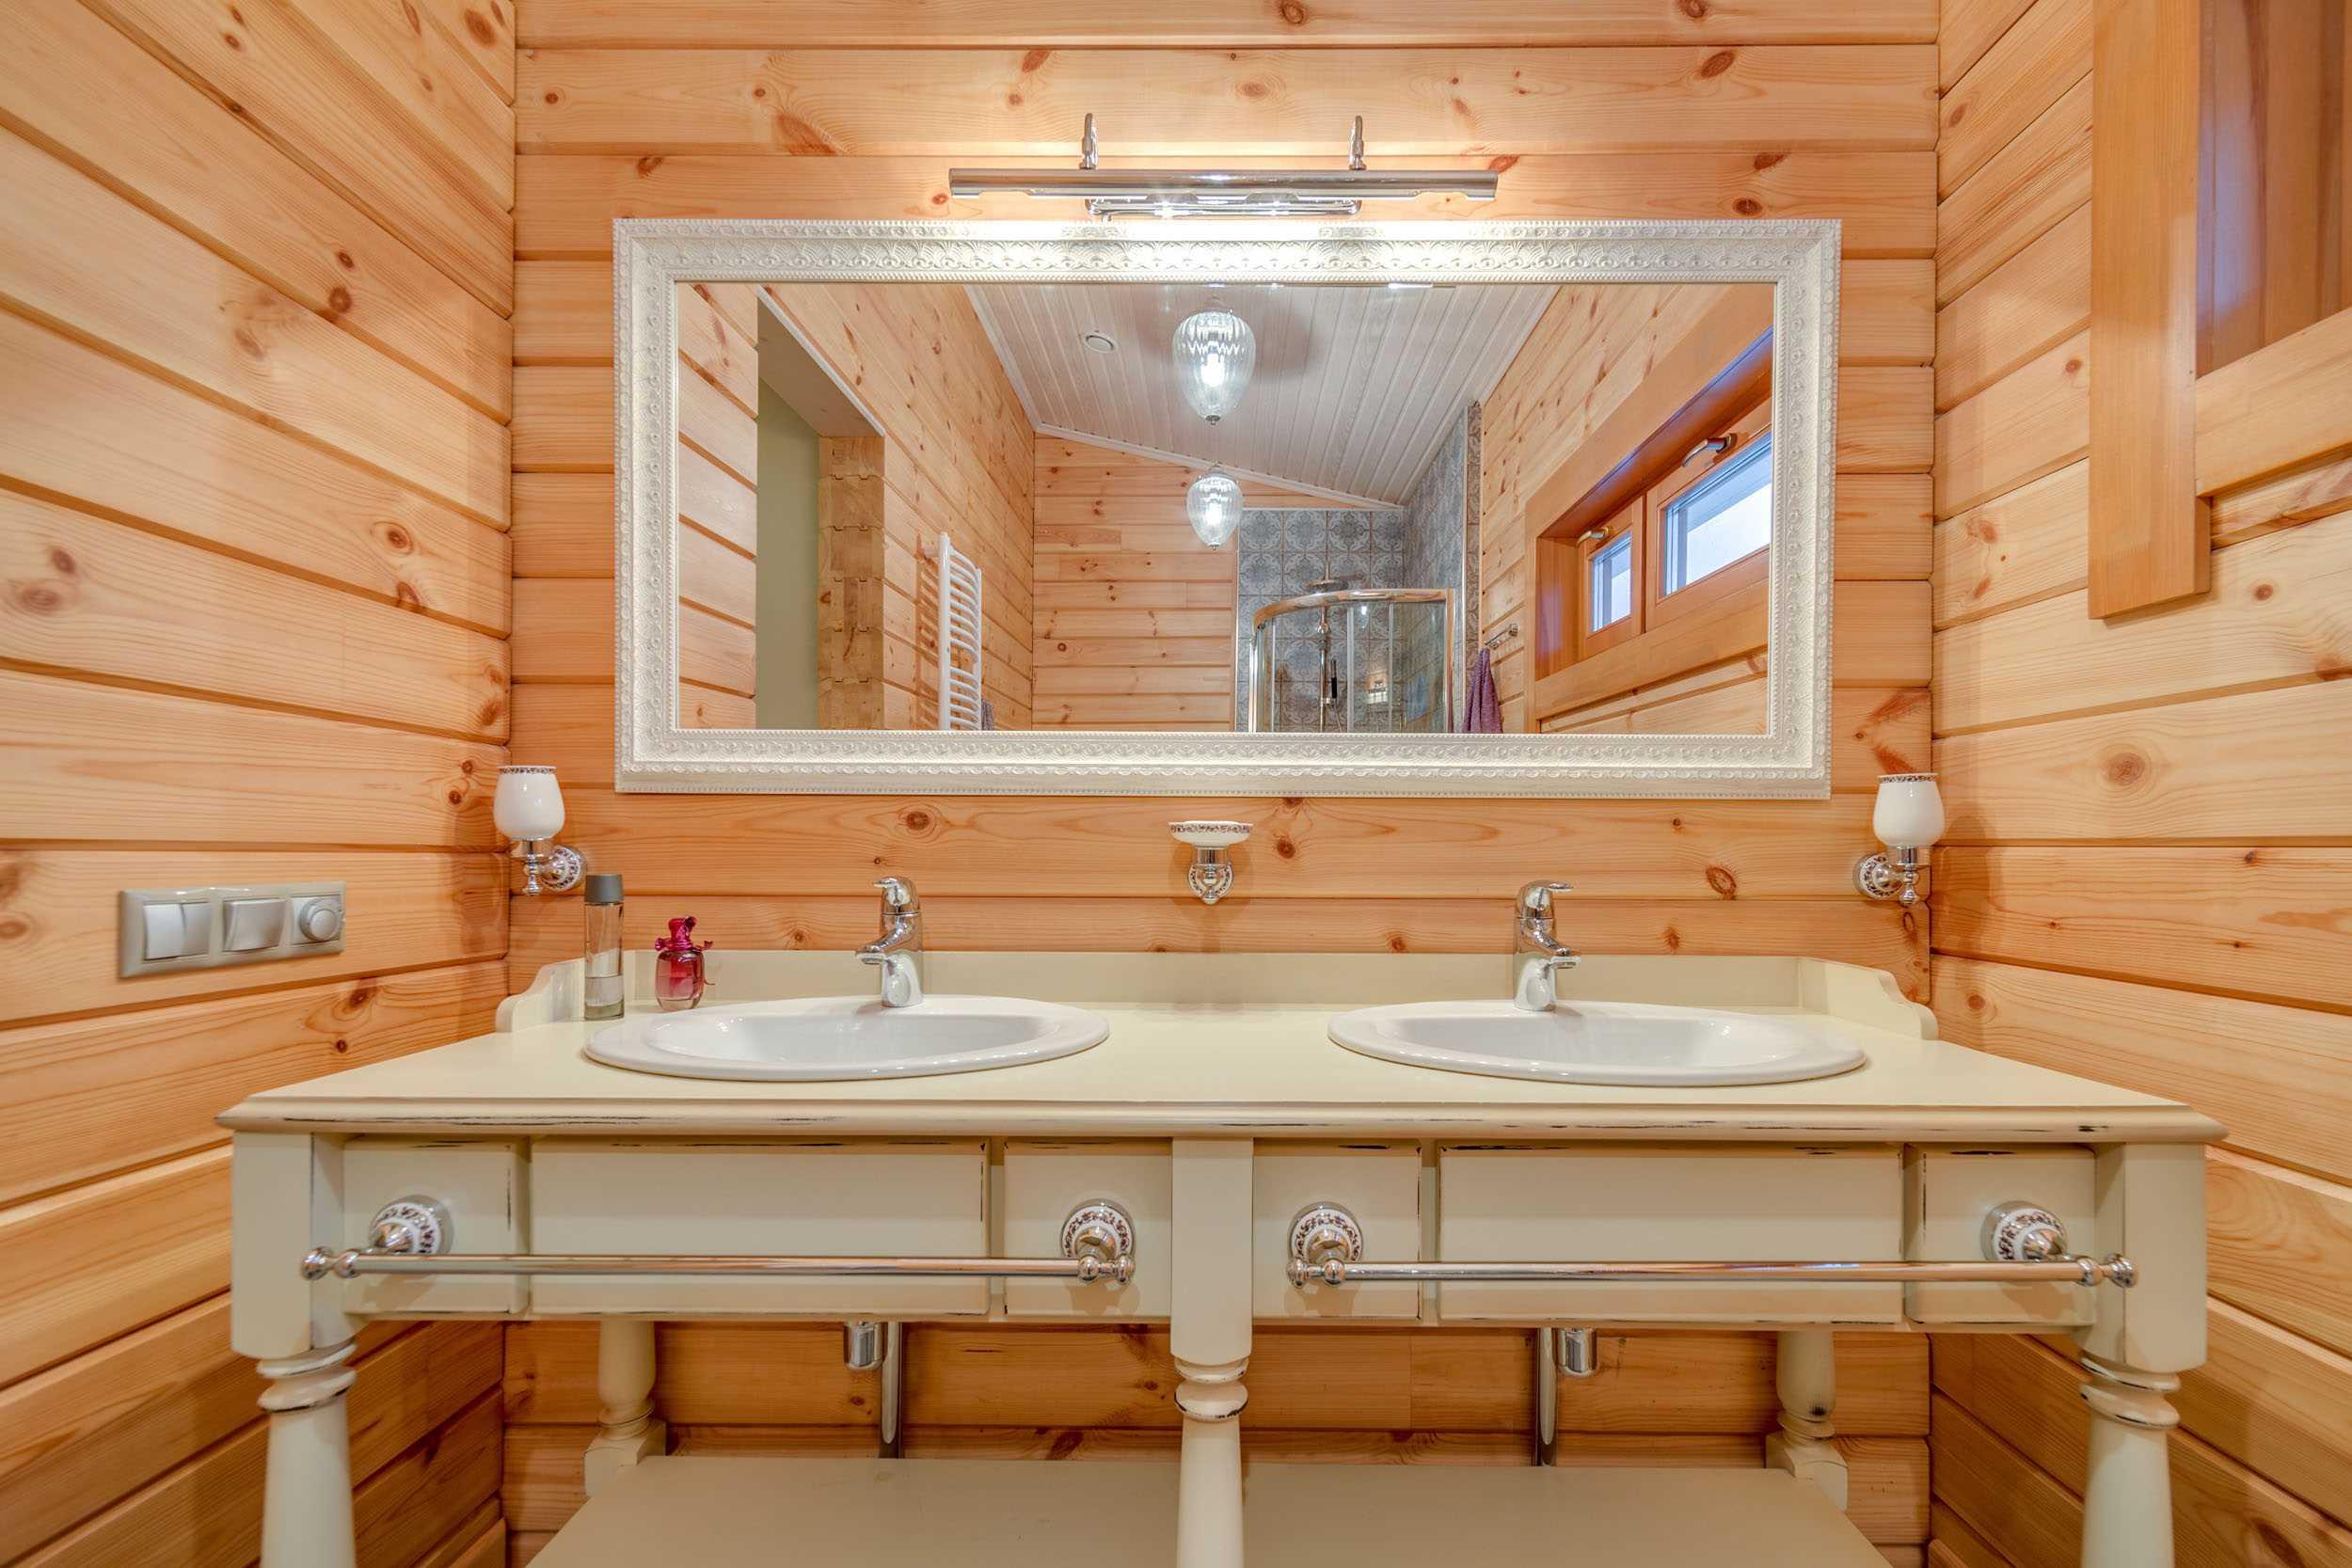 Ванная комната в деревянном доме – строим и защищаем от влаги самостоятельно!